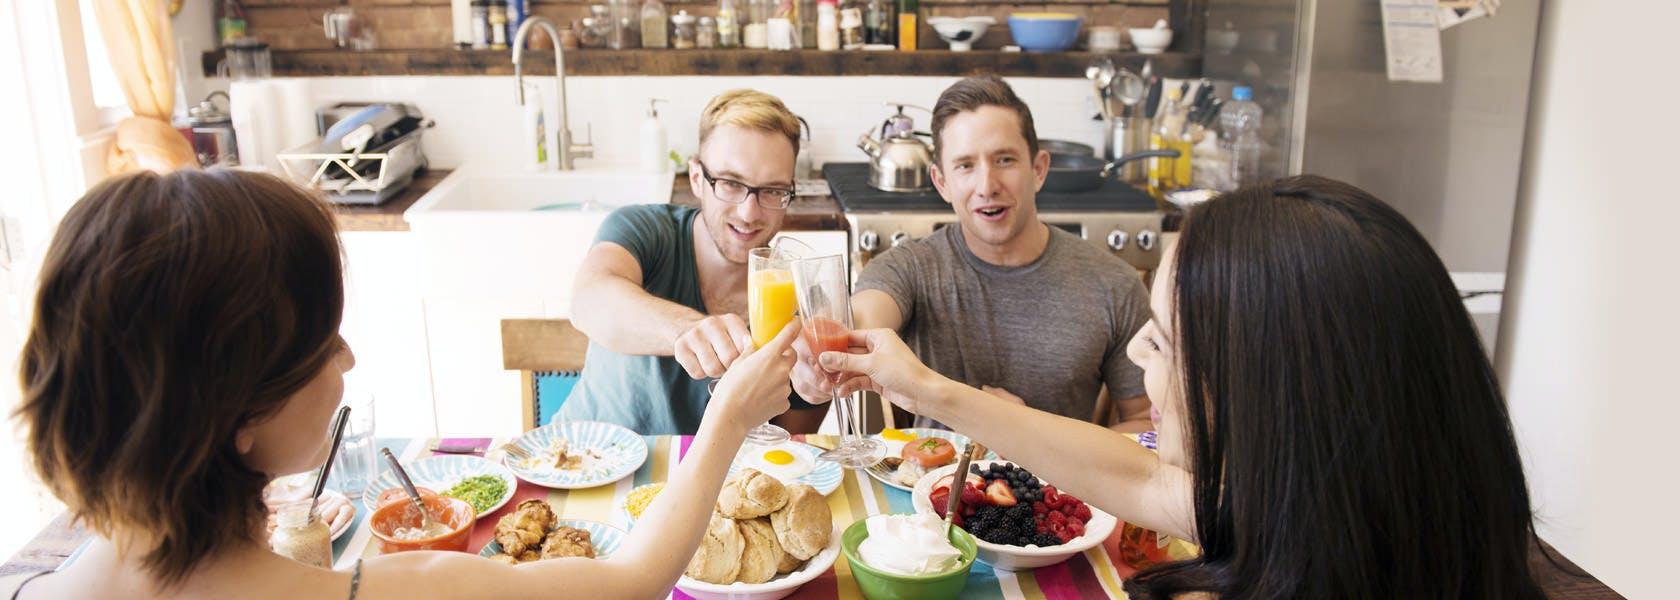 Amigos hacen un brindis durante el desayuno